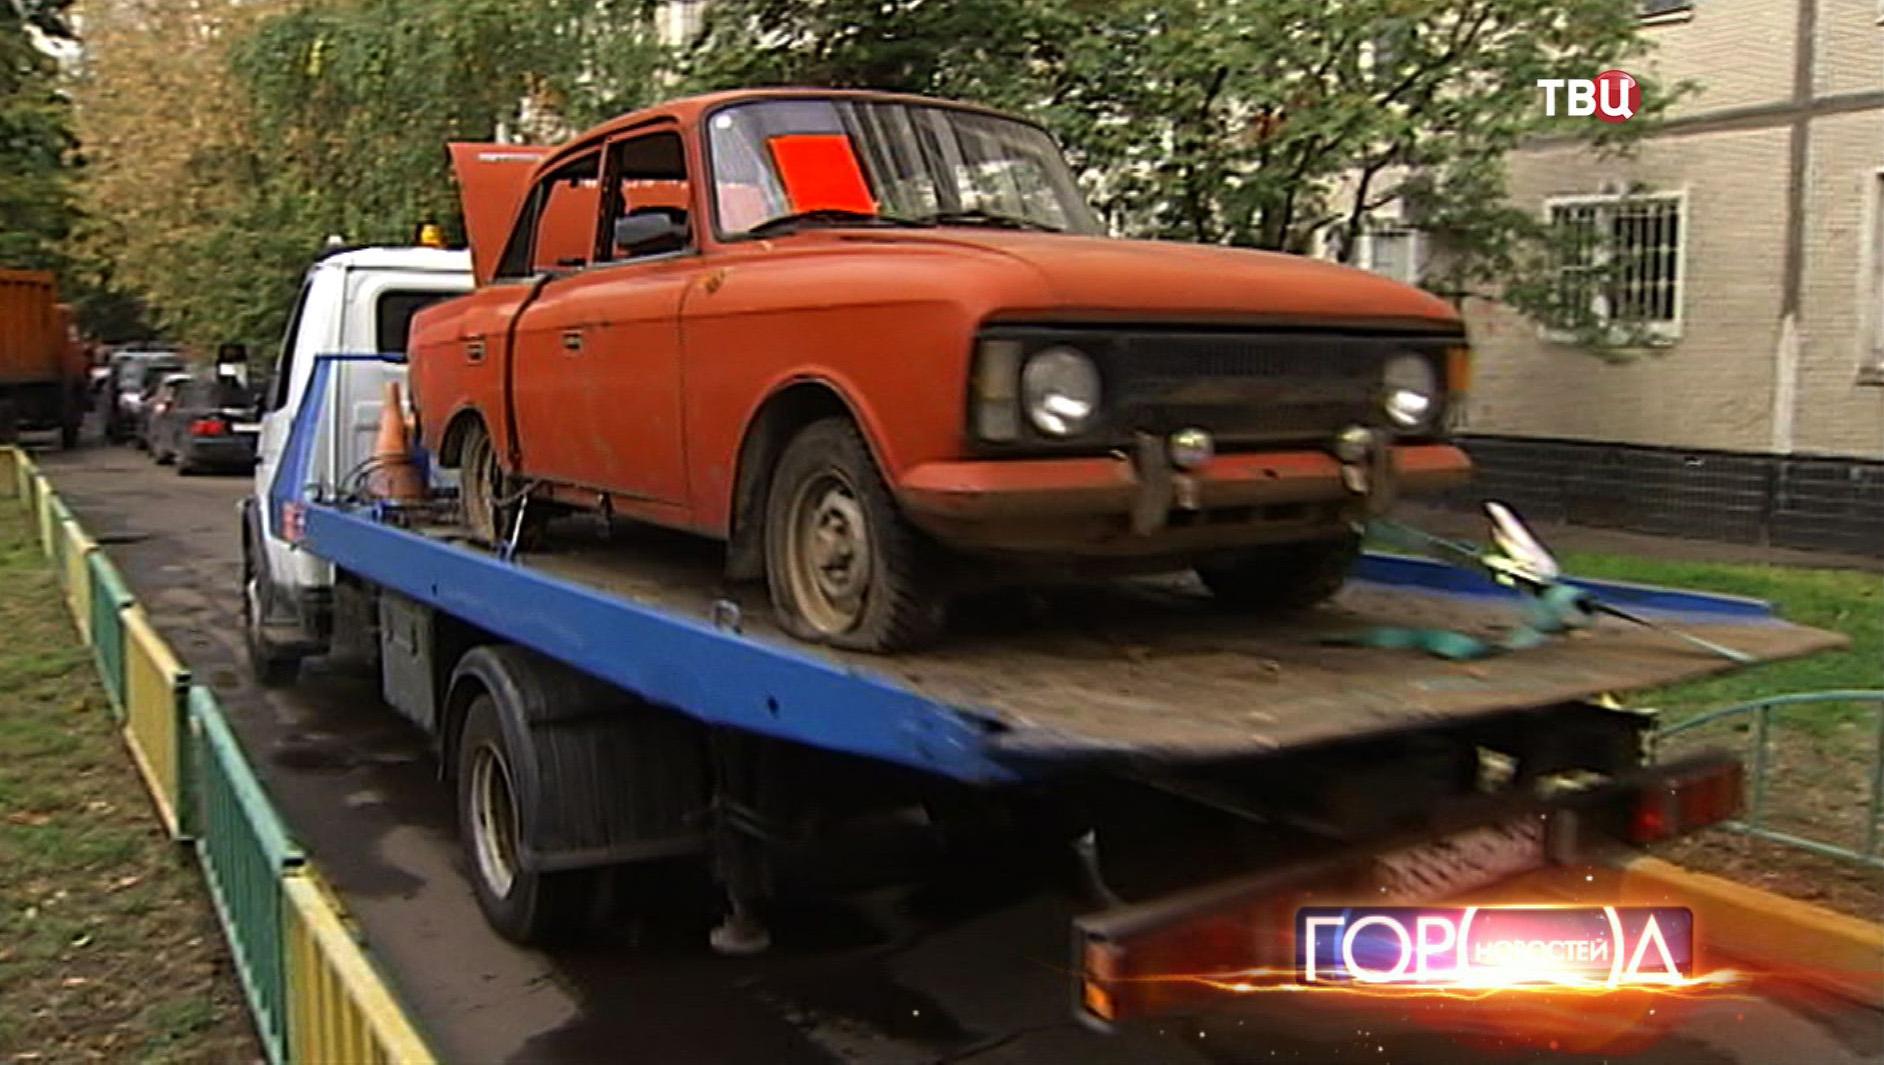 Эвакуатор увозит старый автомобиль